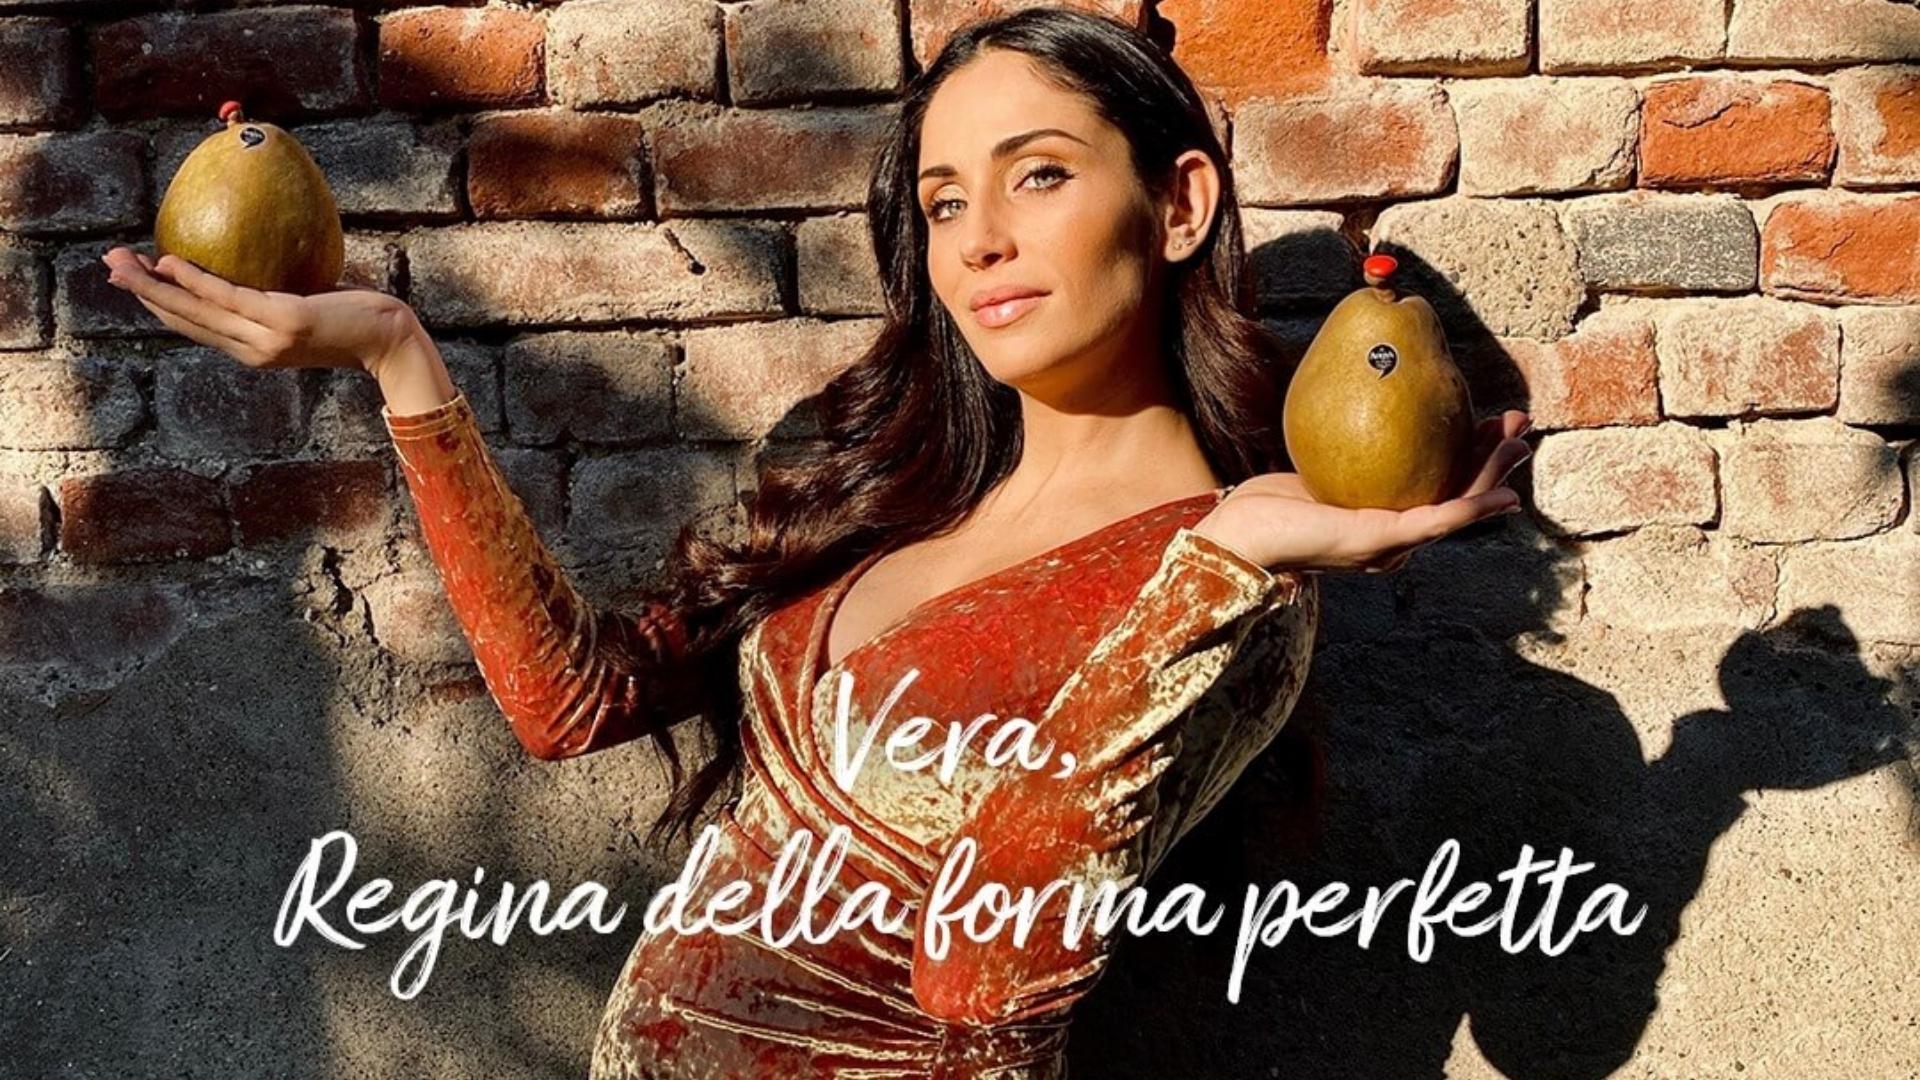 pera angys comunicazione 2021 - Vera Santagata